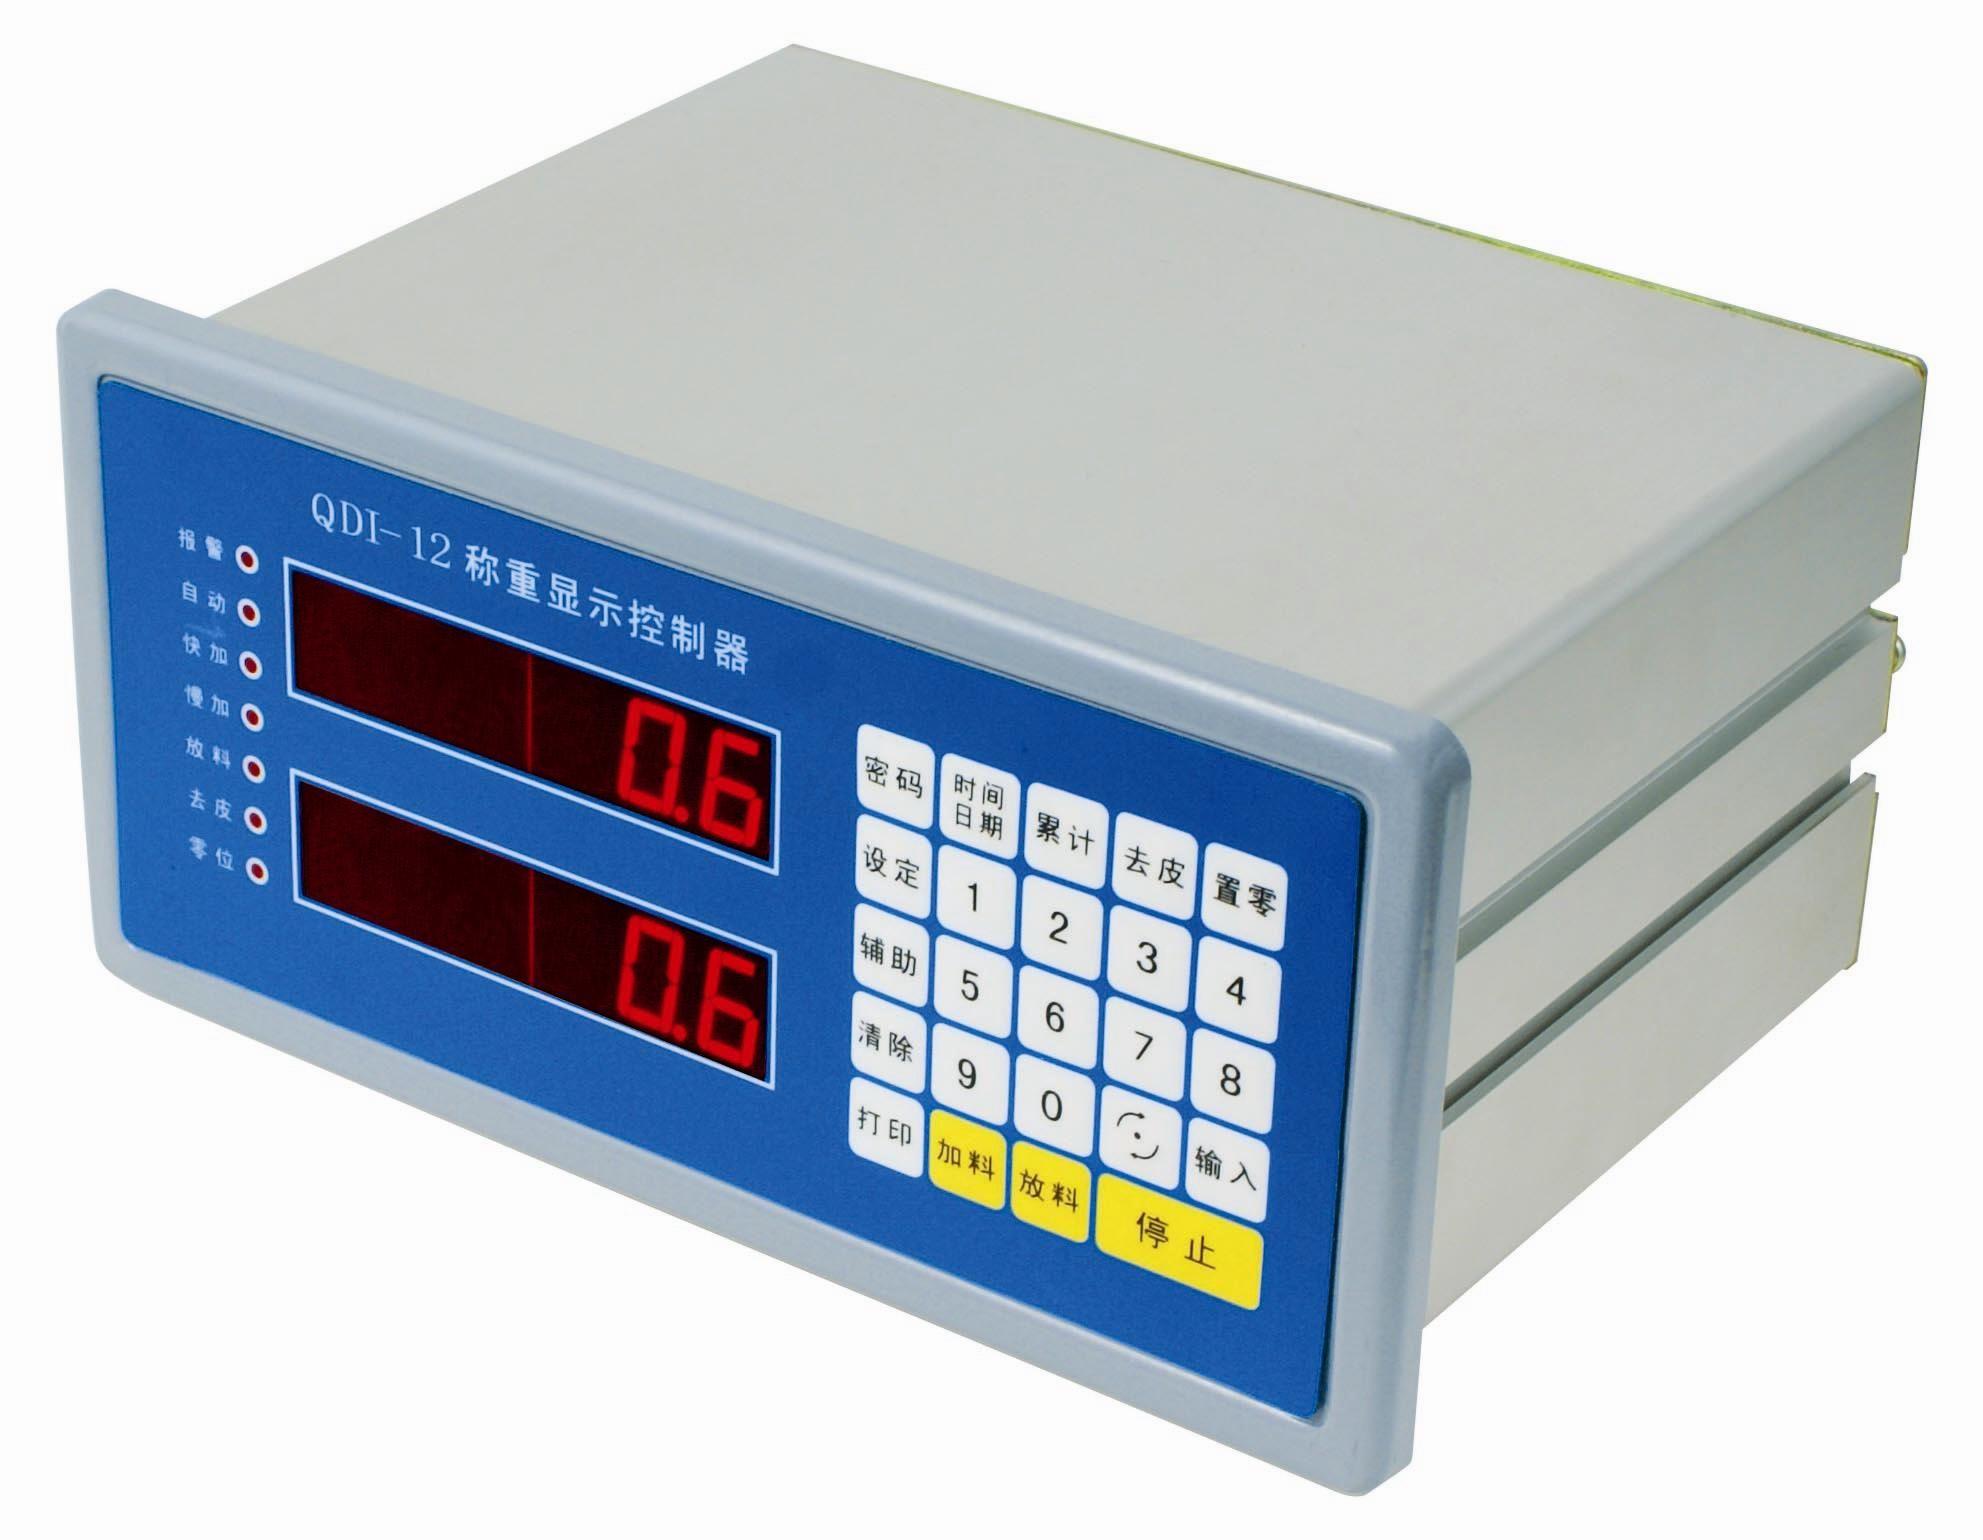 上海秋毫衡器 QDI-12 定值包装 配料场合 称重控制显示器 控制表